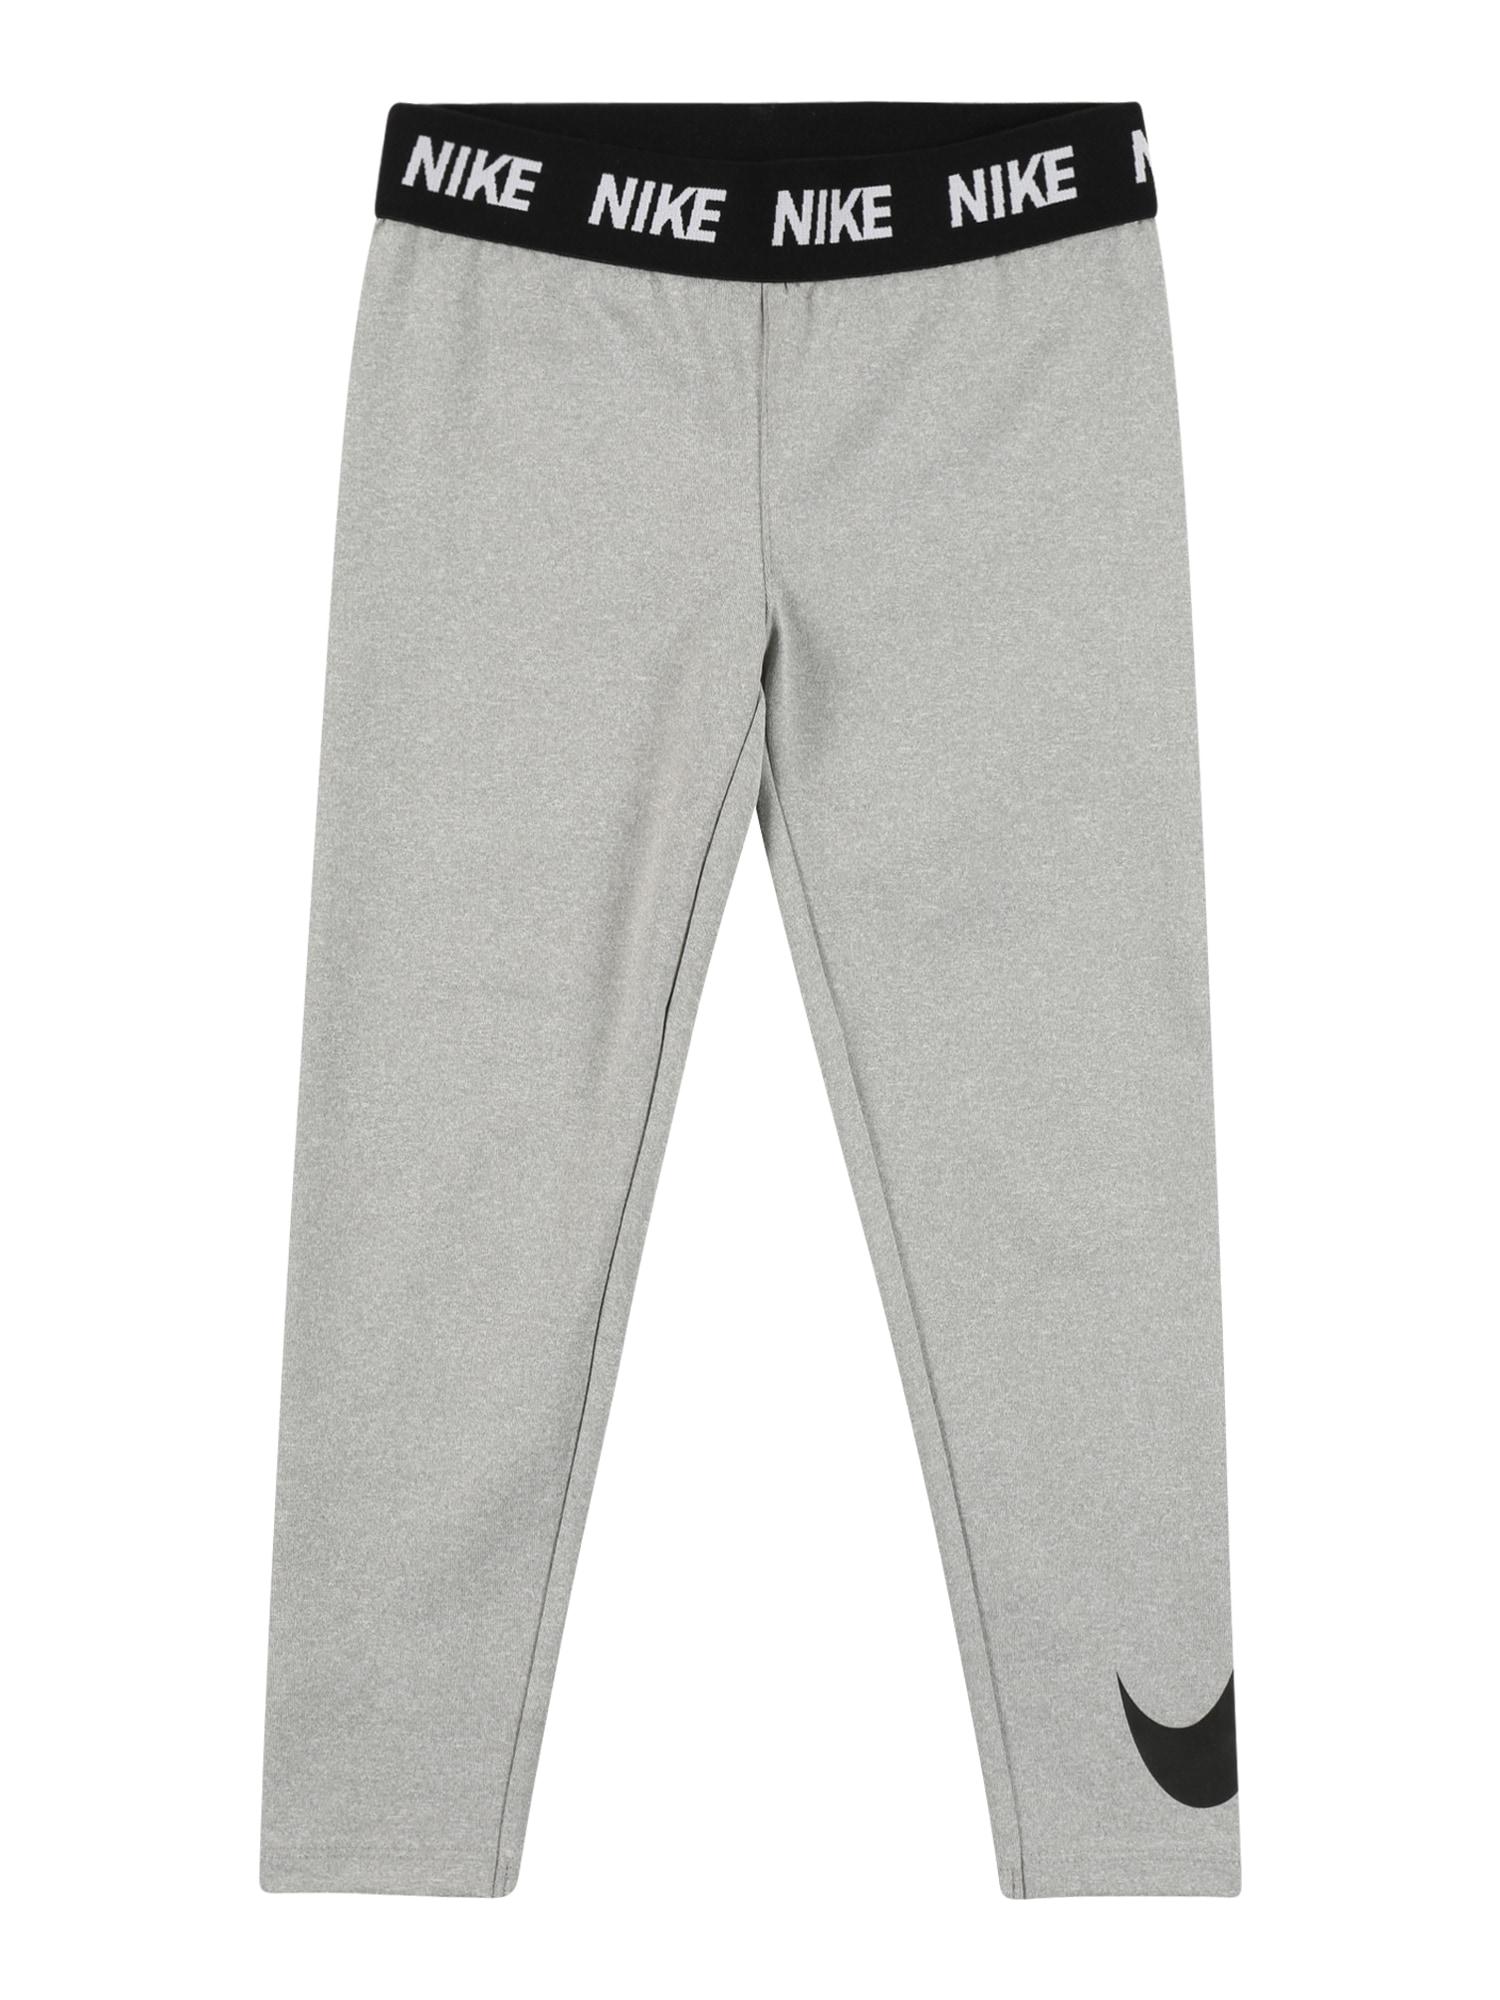 NIKE Sportinės kelnės juoda / pilka